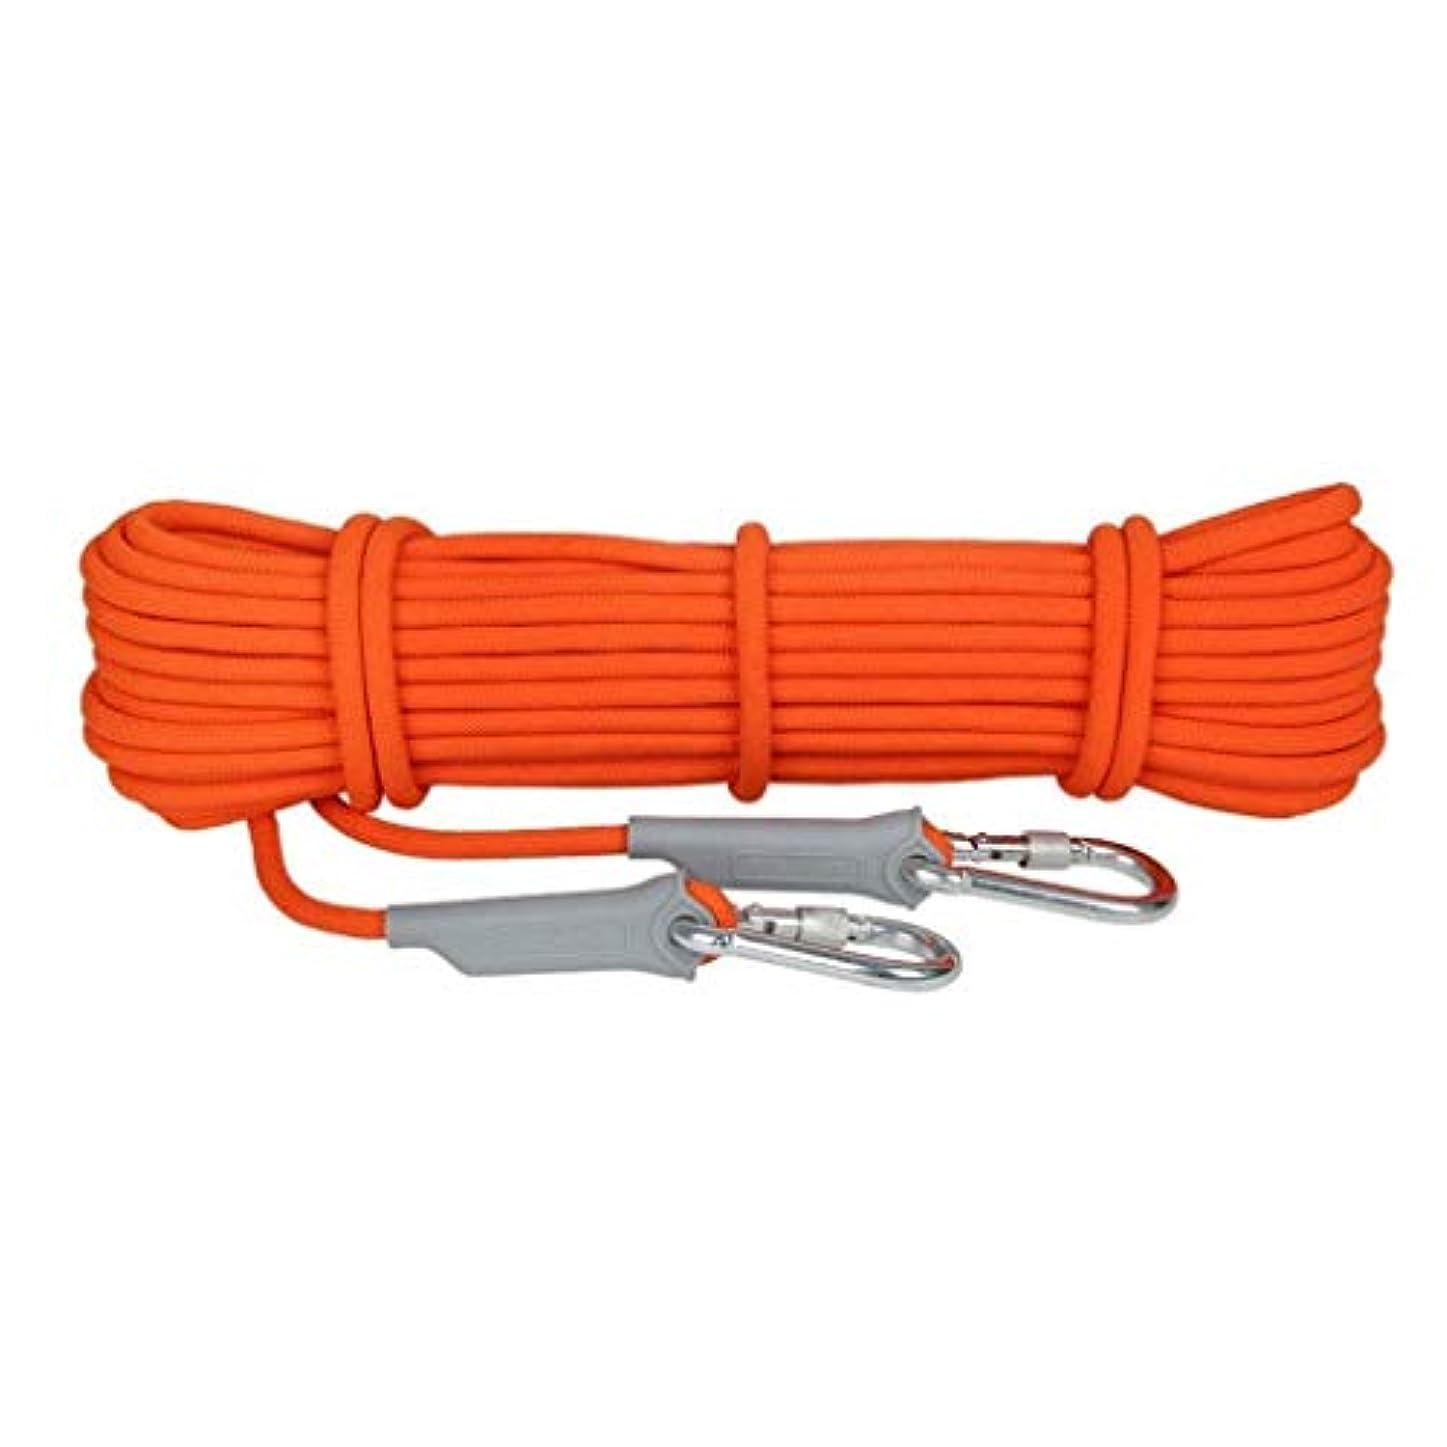 物理コスト寺院登山ロープの家の火の緊急脱出ロープ、ハイキングの洞窟探検のキャンプの救助調査および工学保護のための多機能のコードの安全ロープ。 (Color : 8.5mm, Size : 15m)